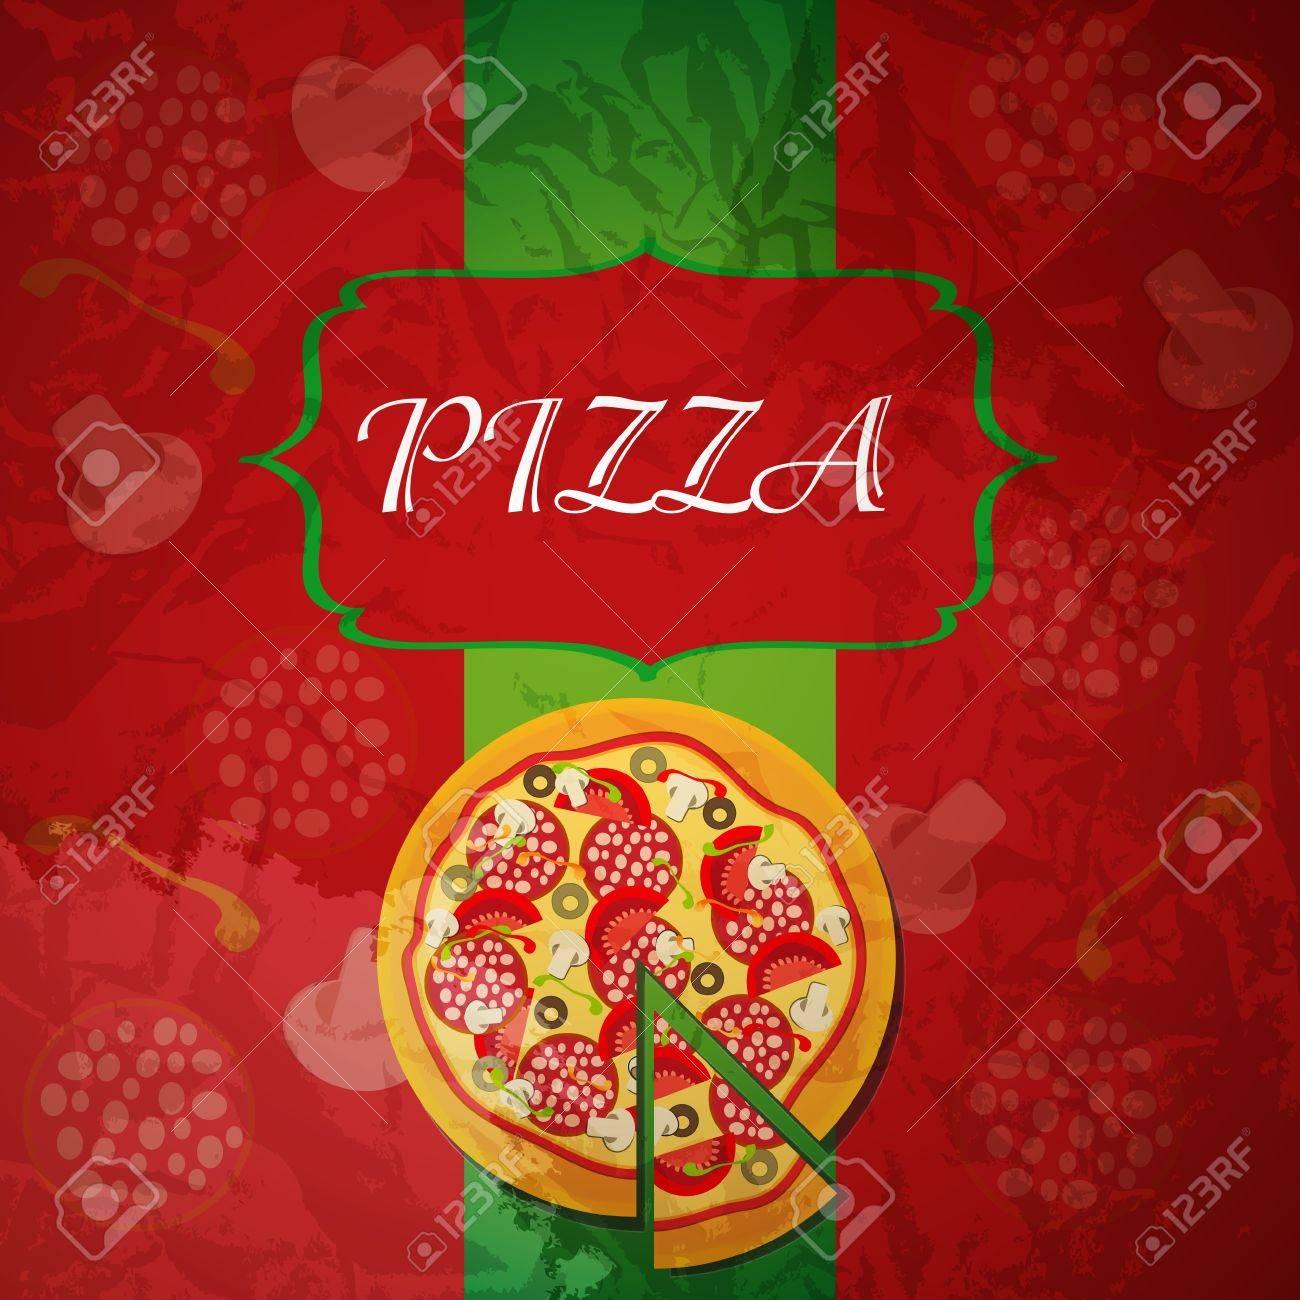 Pizza De Plantillas De Menú, Ilustración Vectorial Fotos, Retratos ...